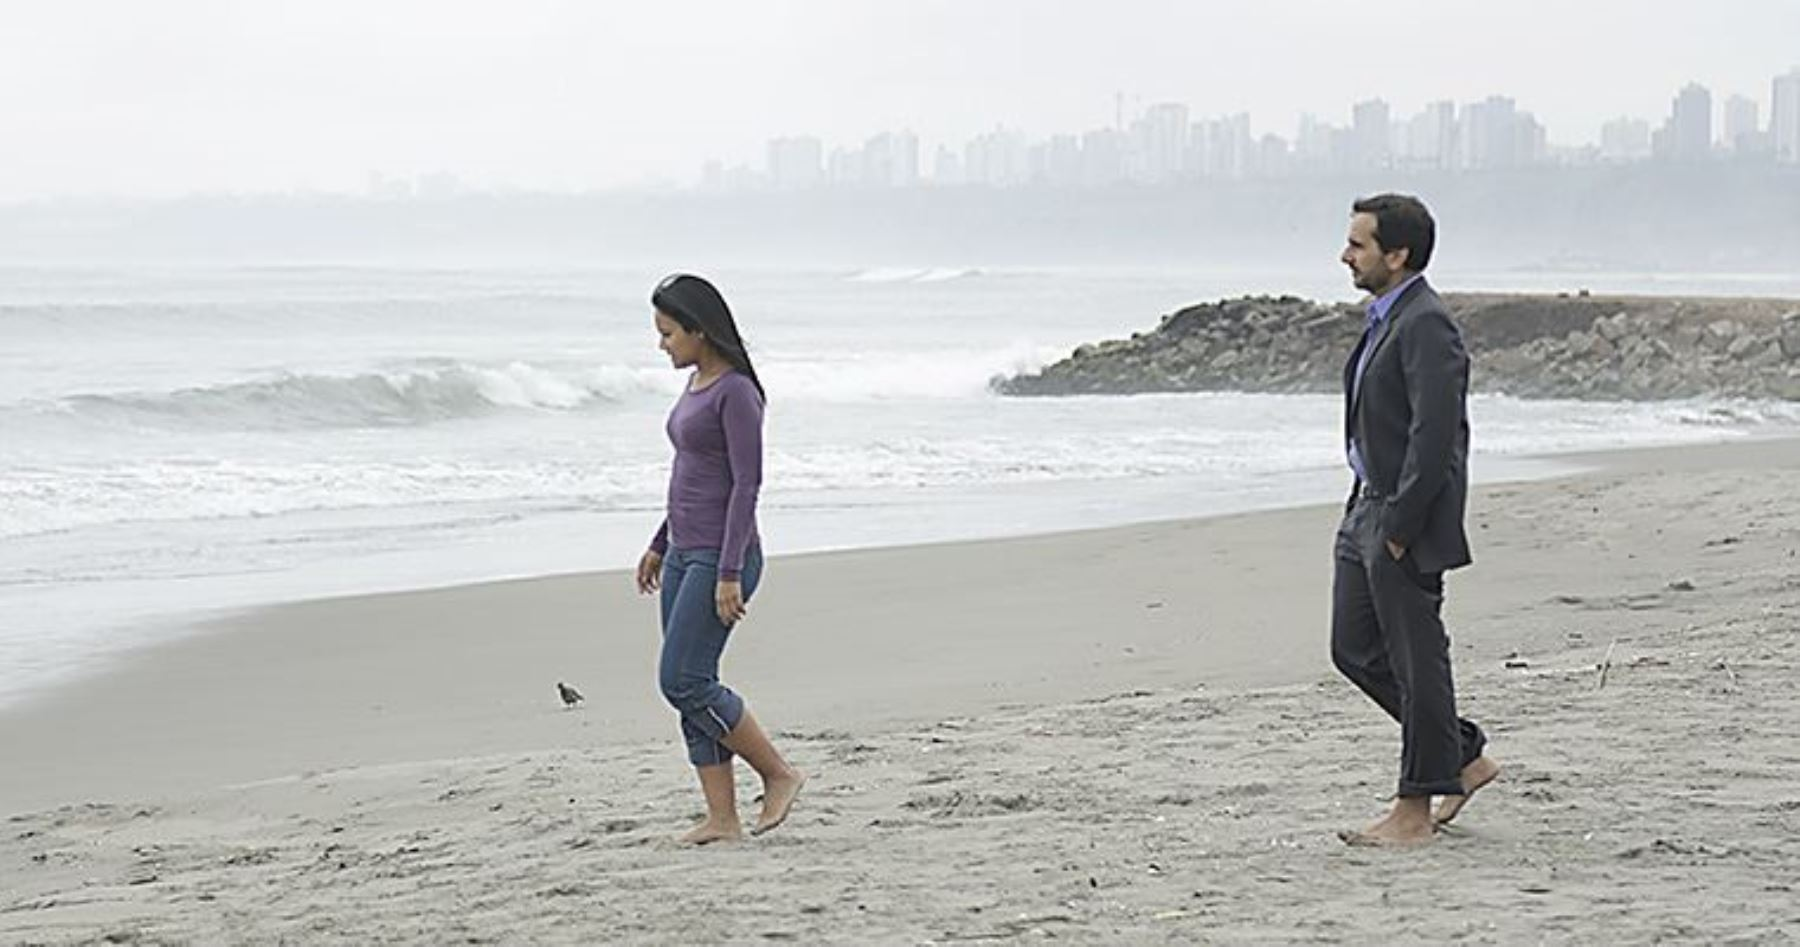 Adrián Ormache y Miriam, protagonistas de 'La hora azul', en una escena de la película.